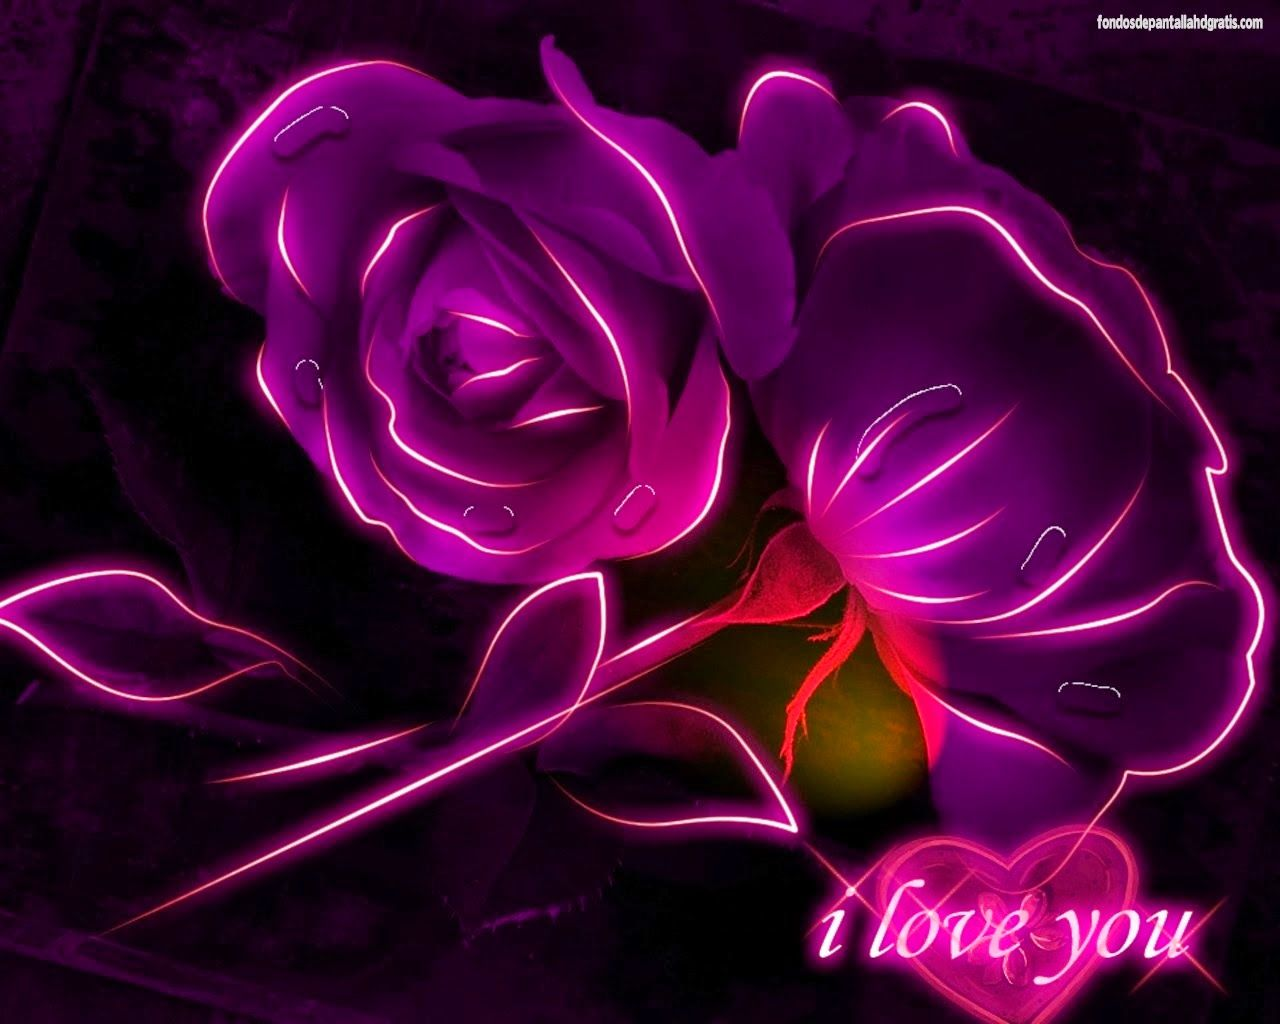 Ver gratis imagenes de amor para fondo de pantalla en 3d 1 - Descargar fondo de pantalla en movimiento gratis ...